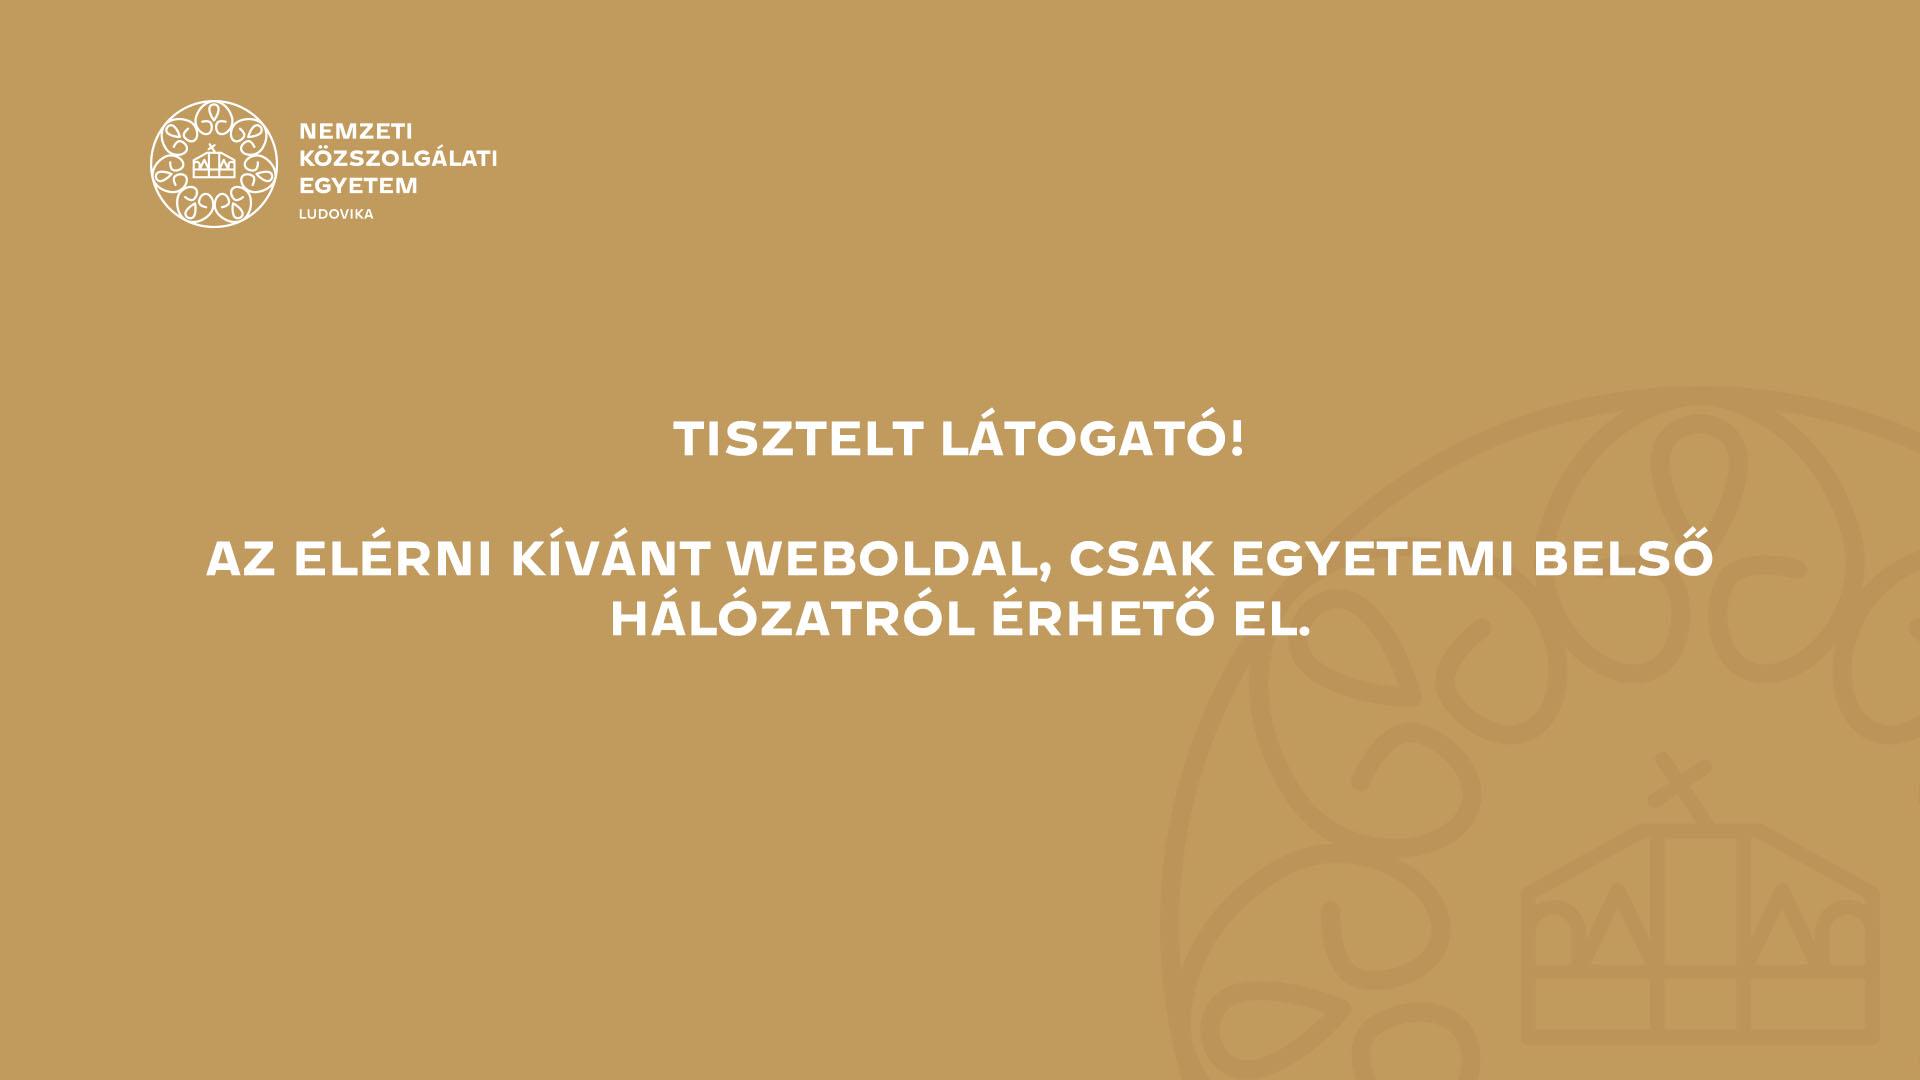 Dr. habil. Vizi Balázs